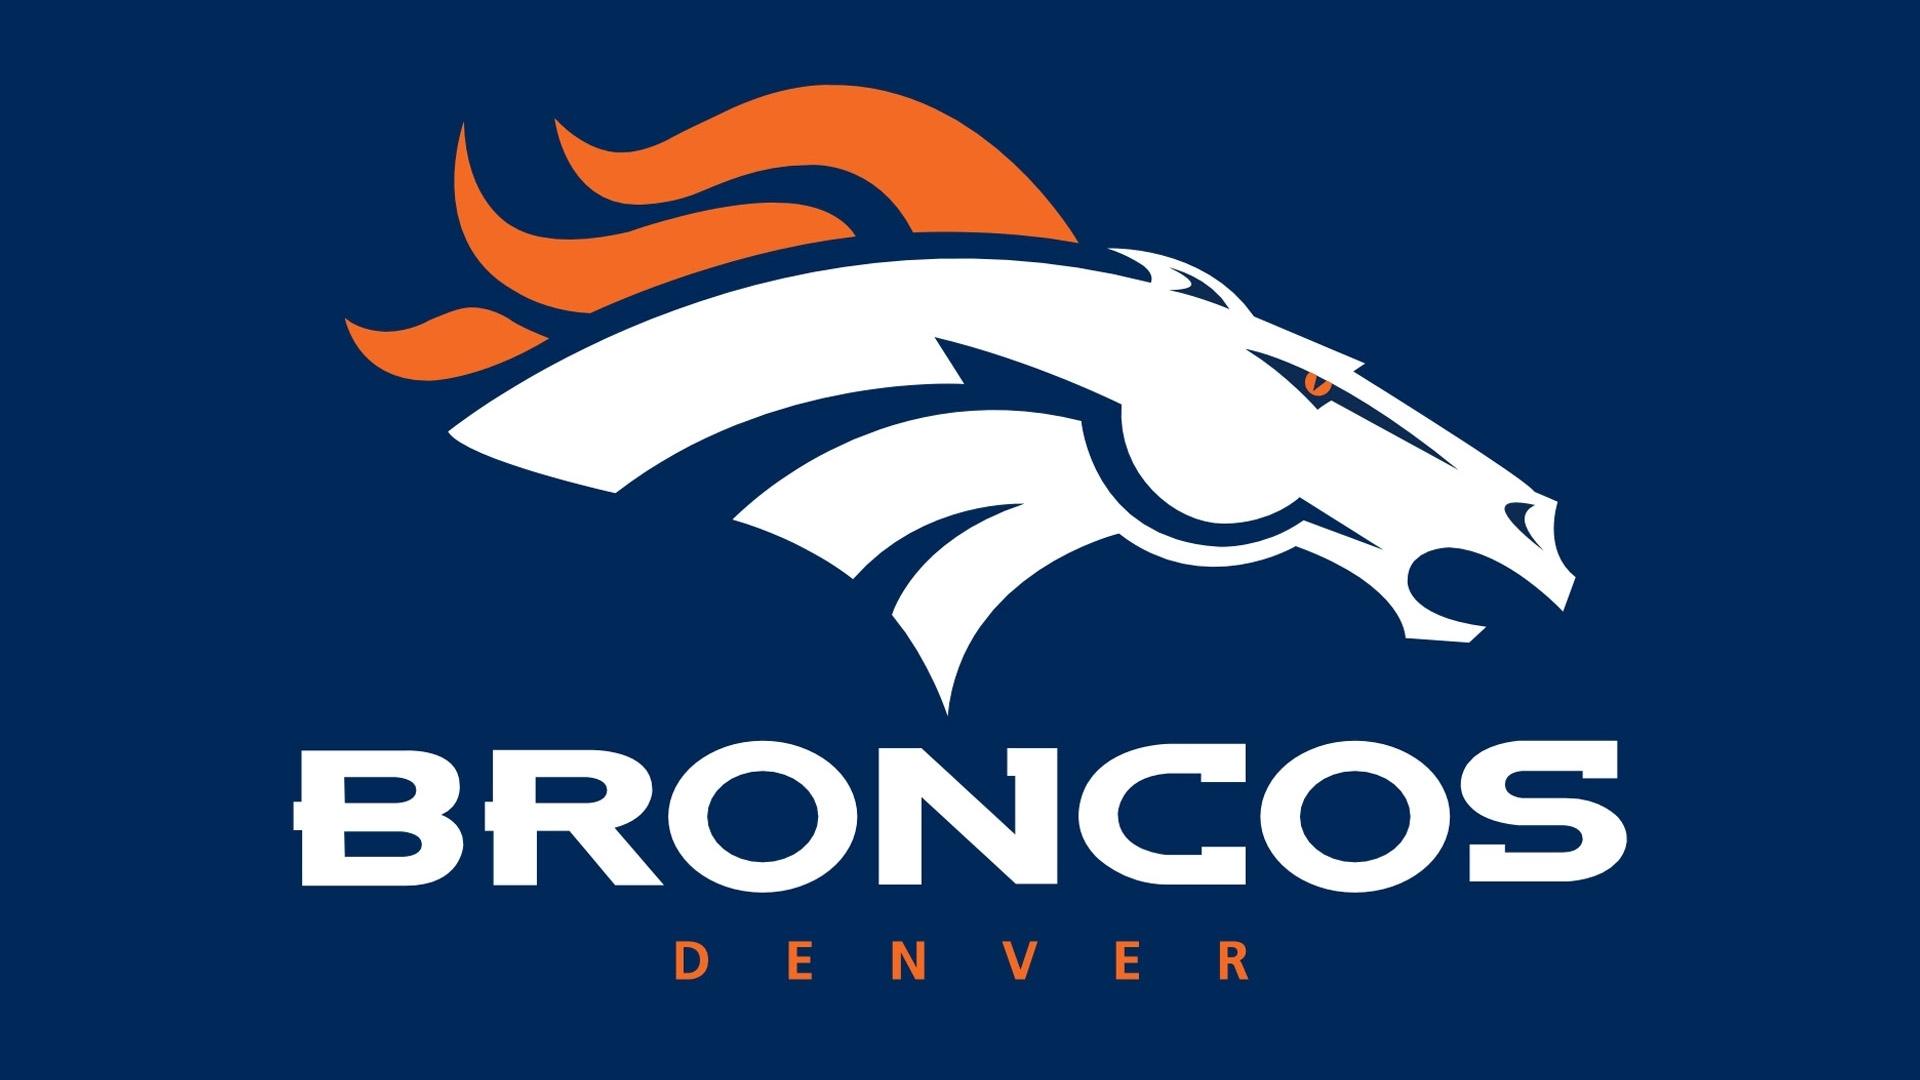 denver broncos horse logo 1920x1080 168 hd photo